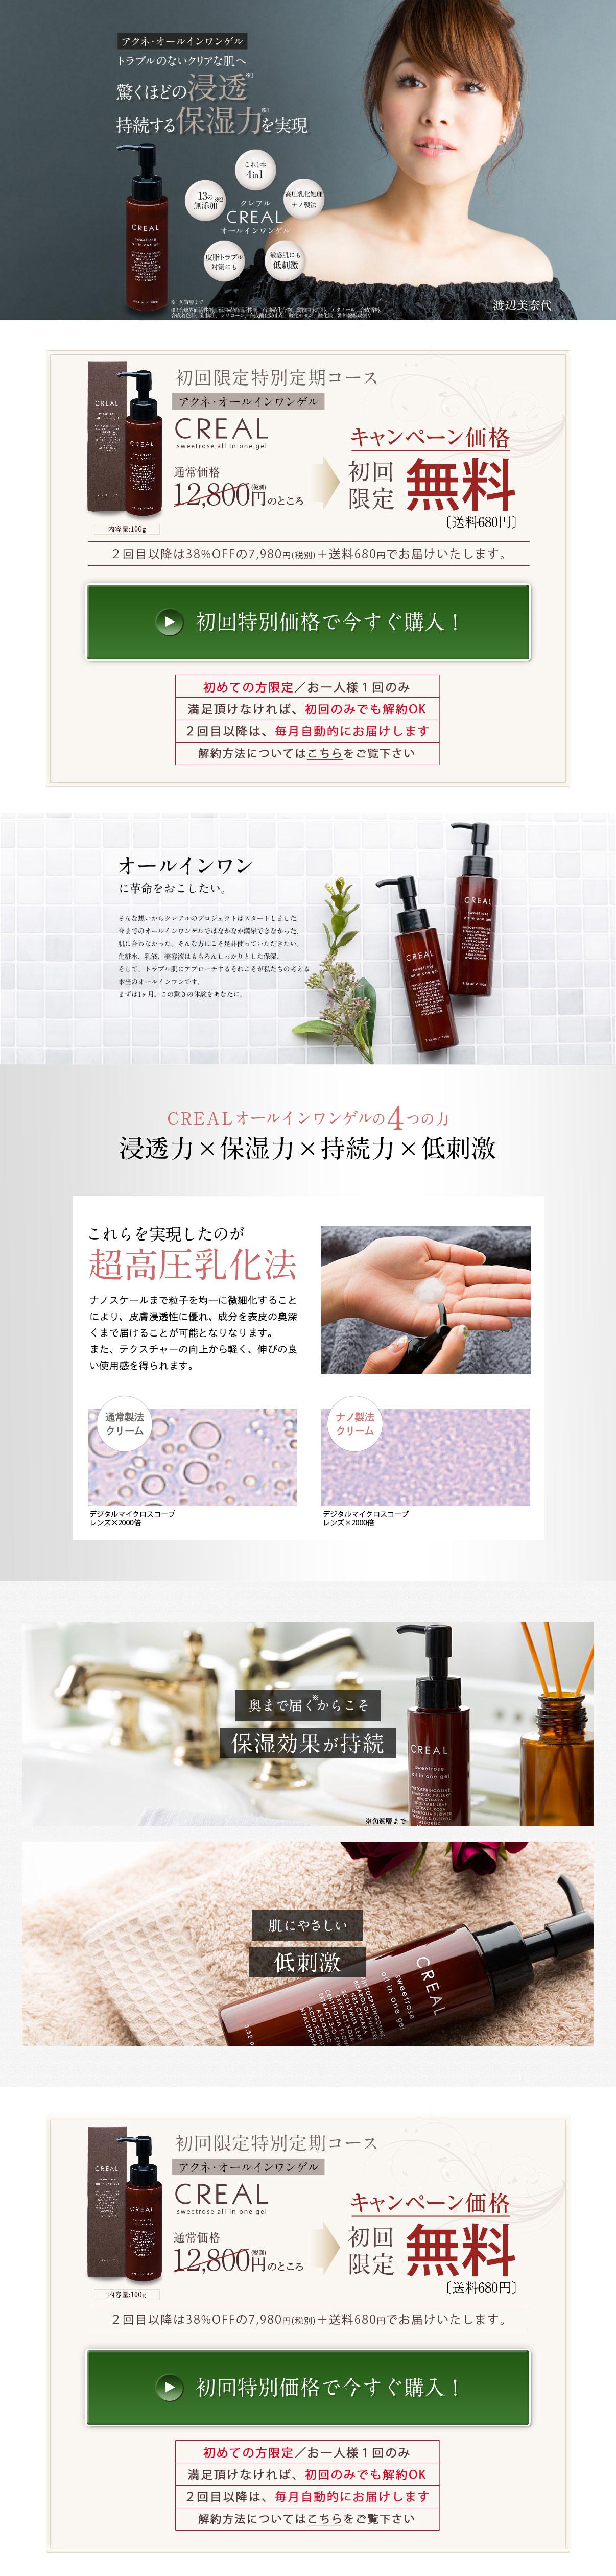 オールインワンゲル販売用ランディングページ(LP)デザイン・制作事例01